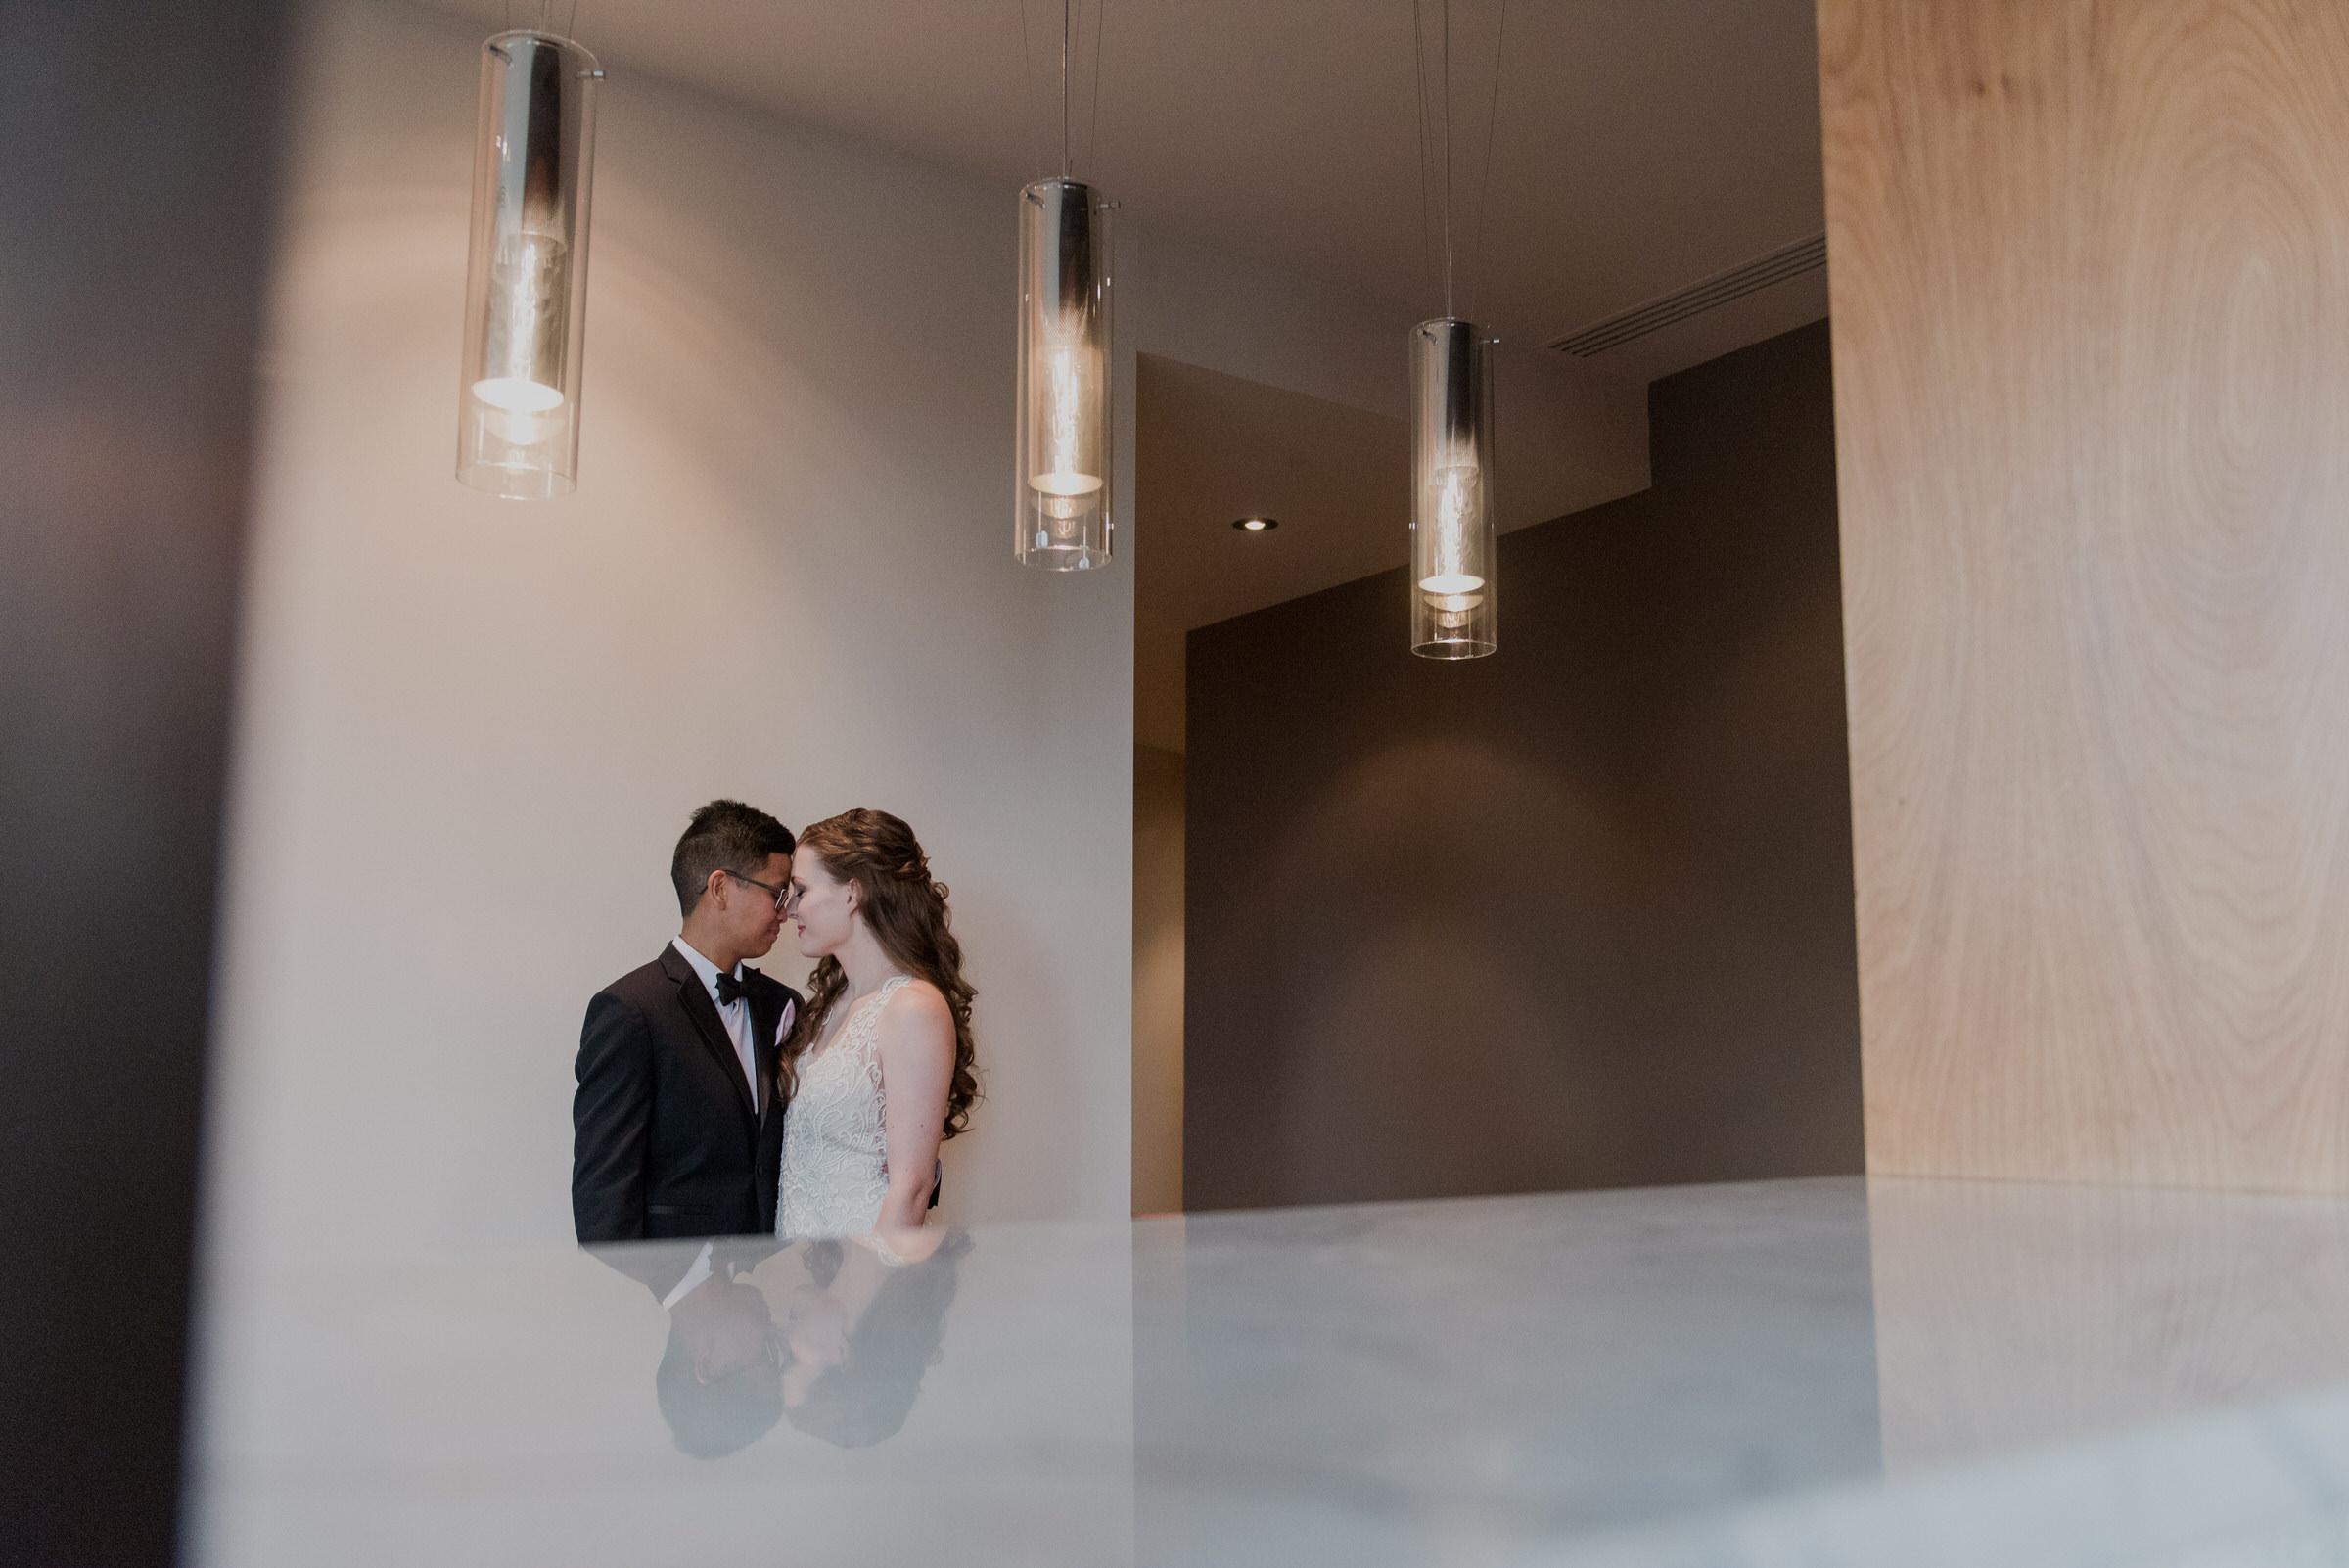 Ferenzi Photography Washington DC Dupont Circle Hotel Wedding